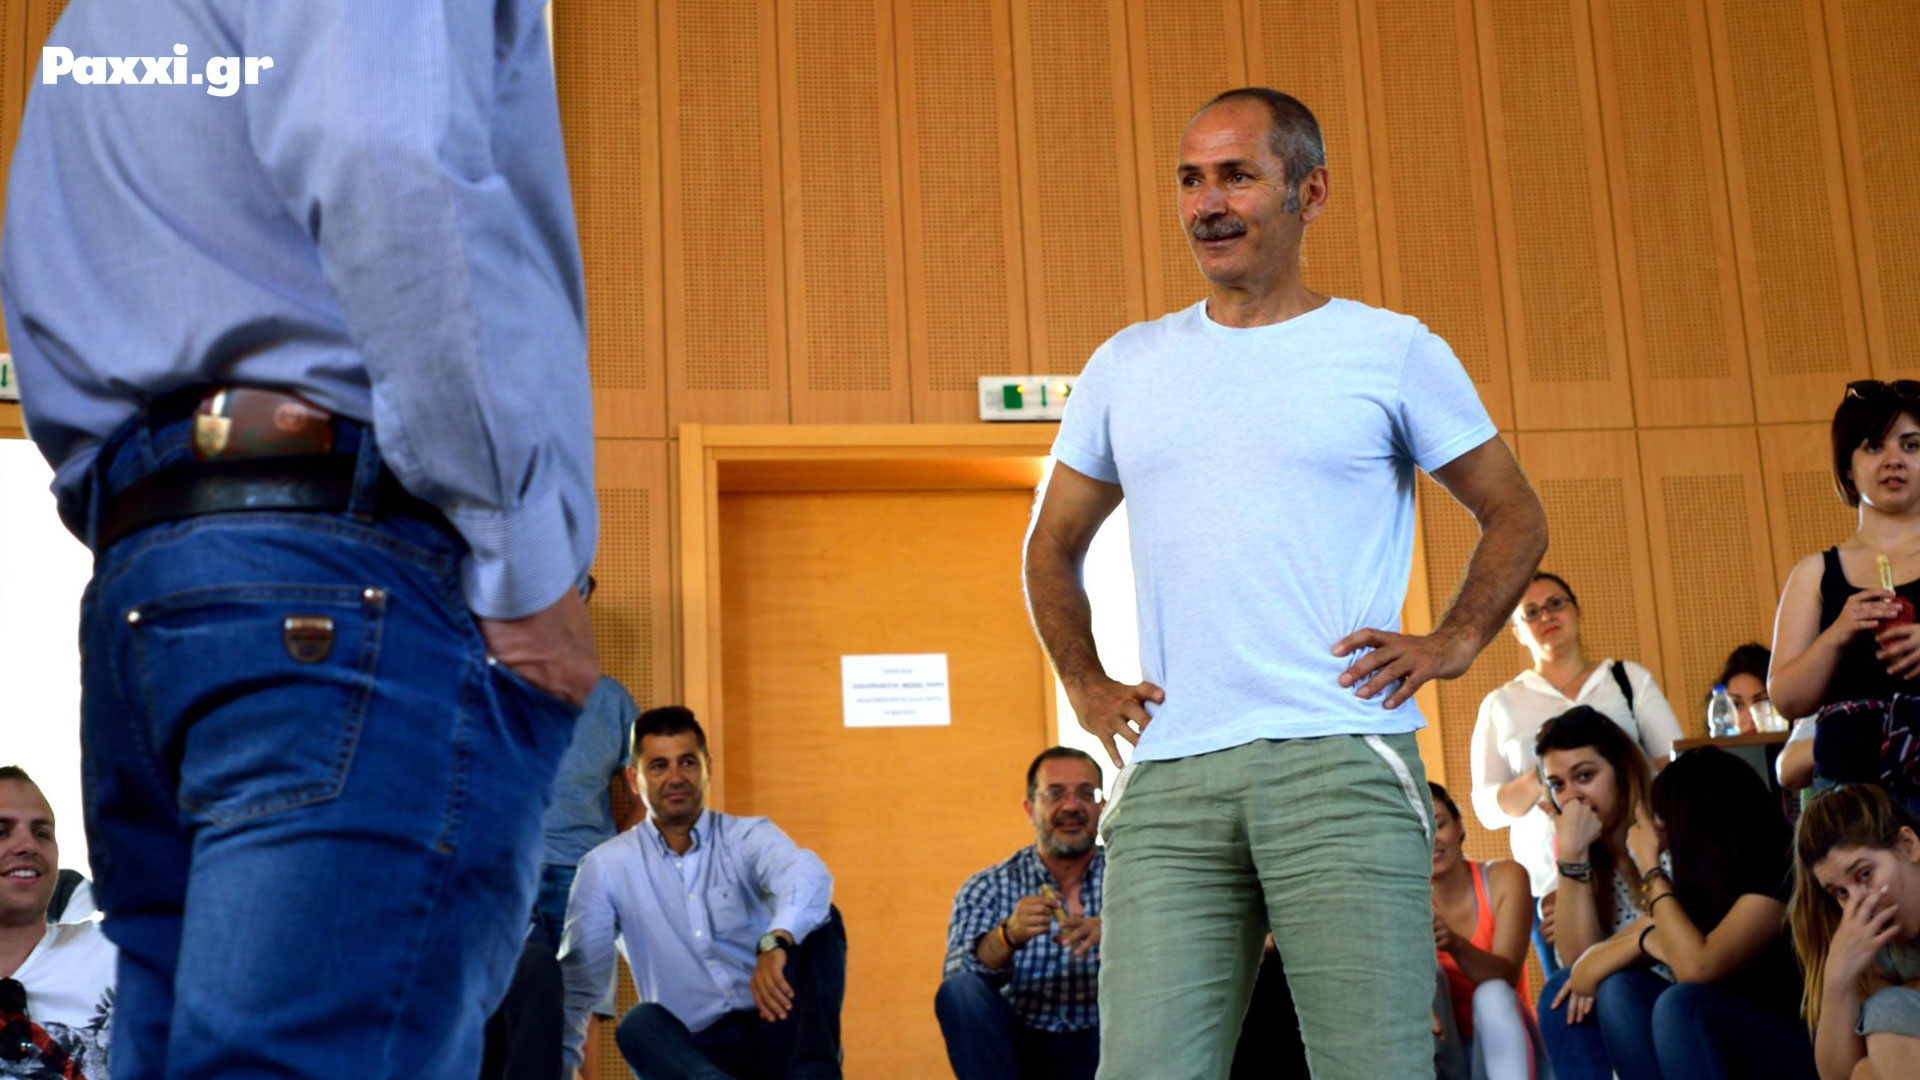 Ο κ. Πάυλος Ευμορφίδης, ιδρυτής της cocomat